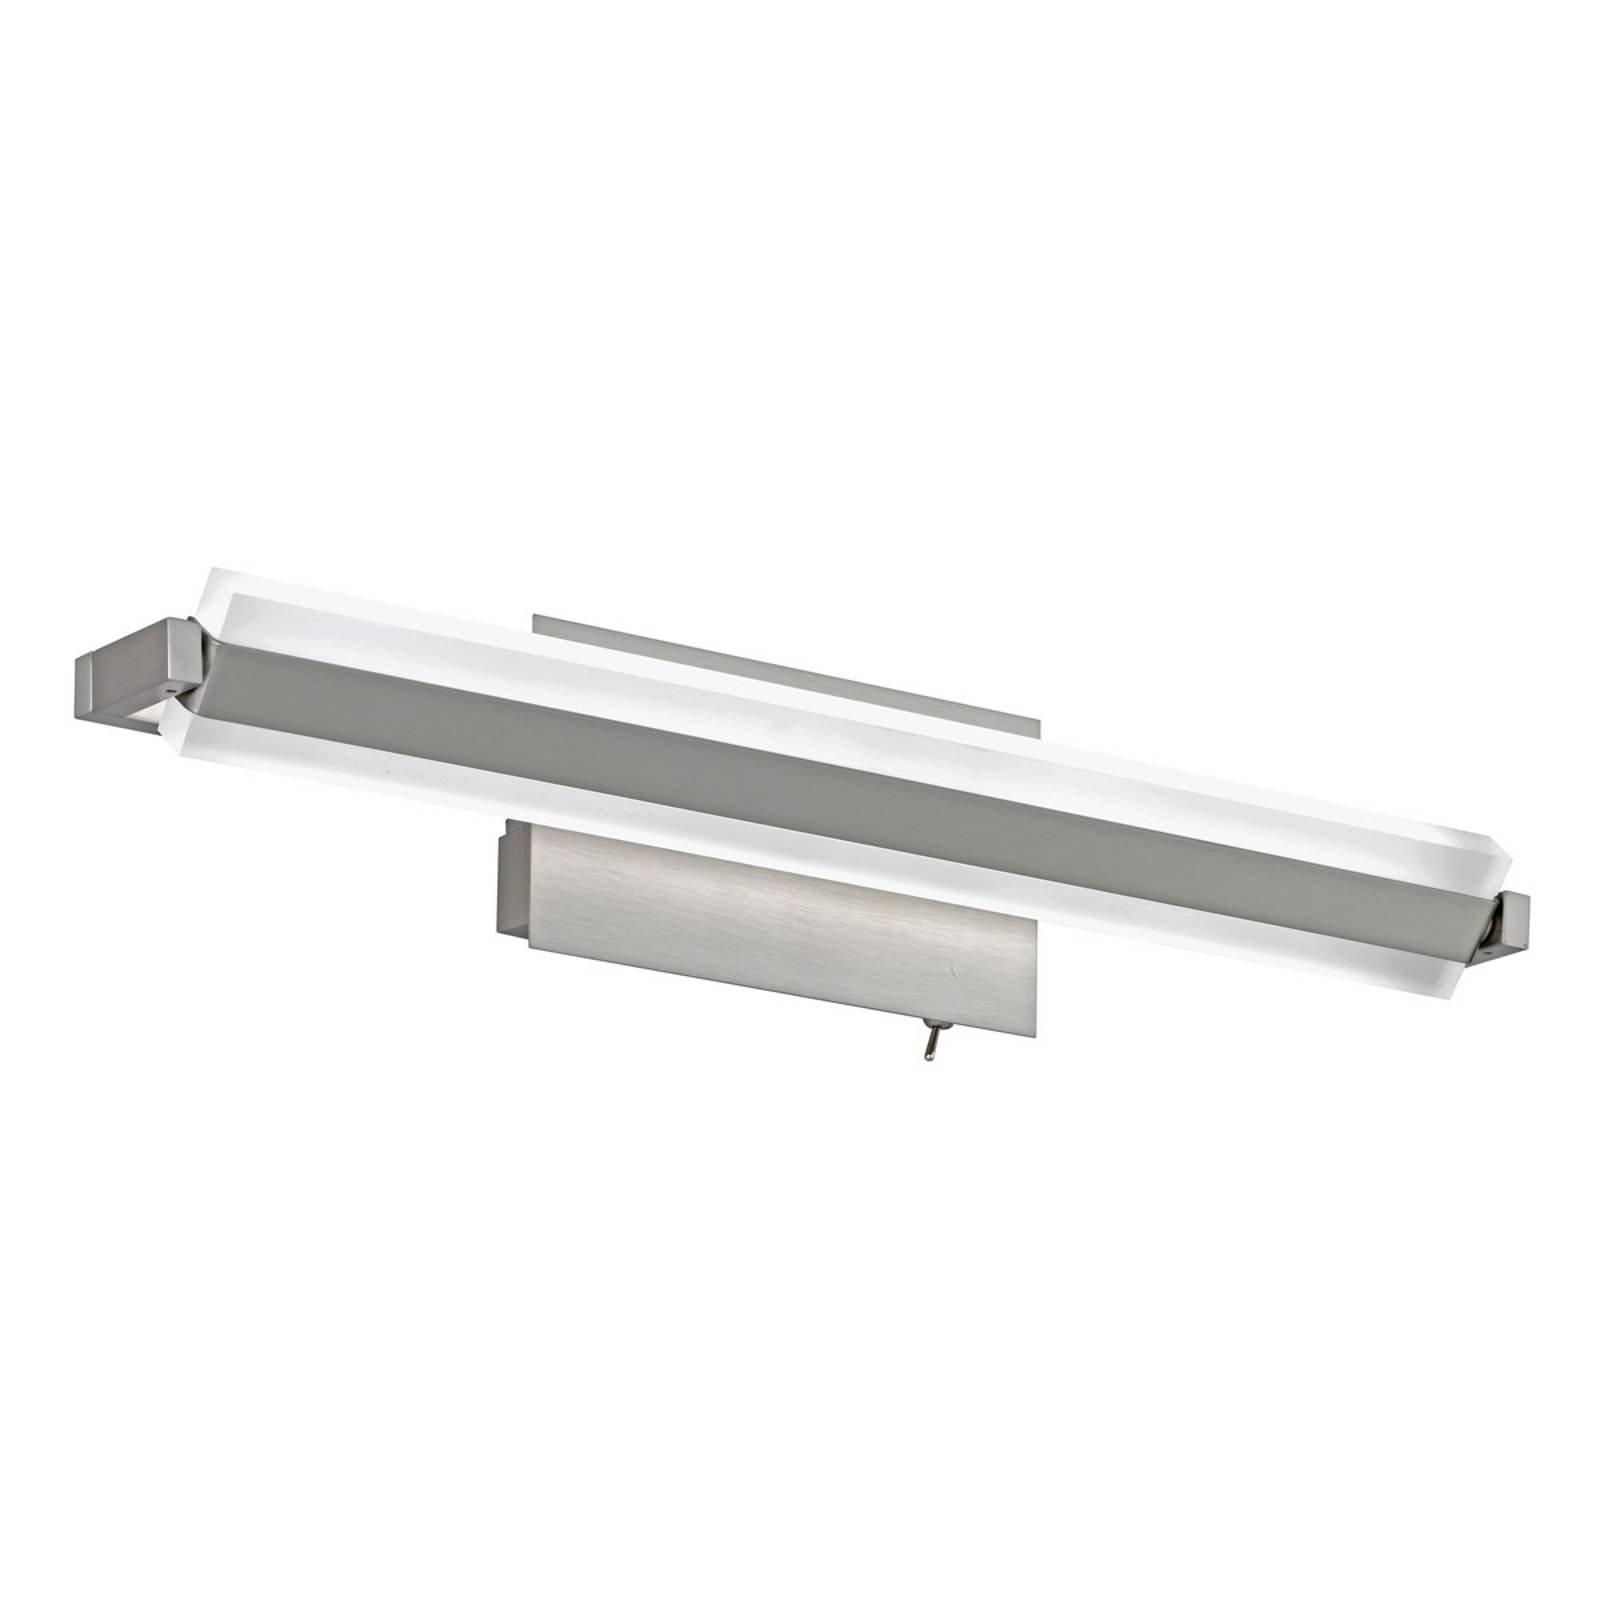 LED-vegglampe Turn med bryter, 46 cm